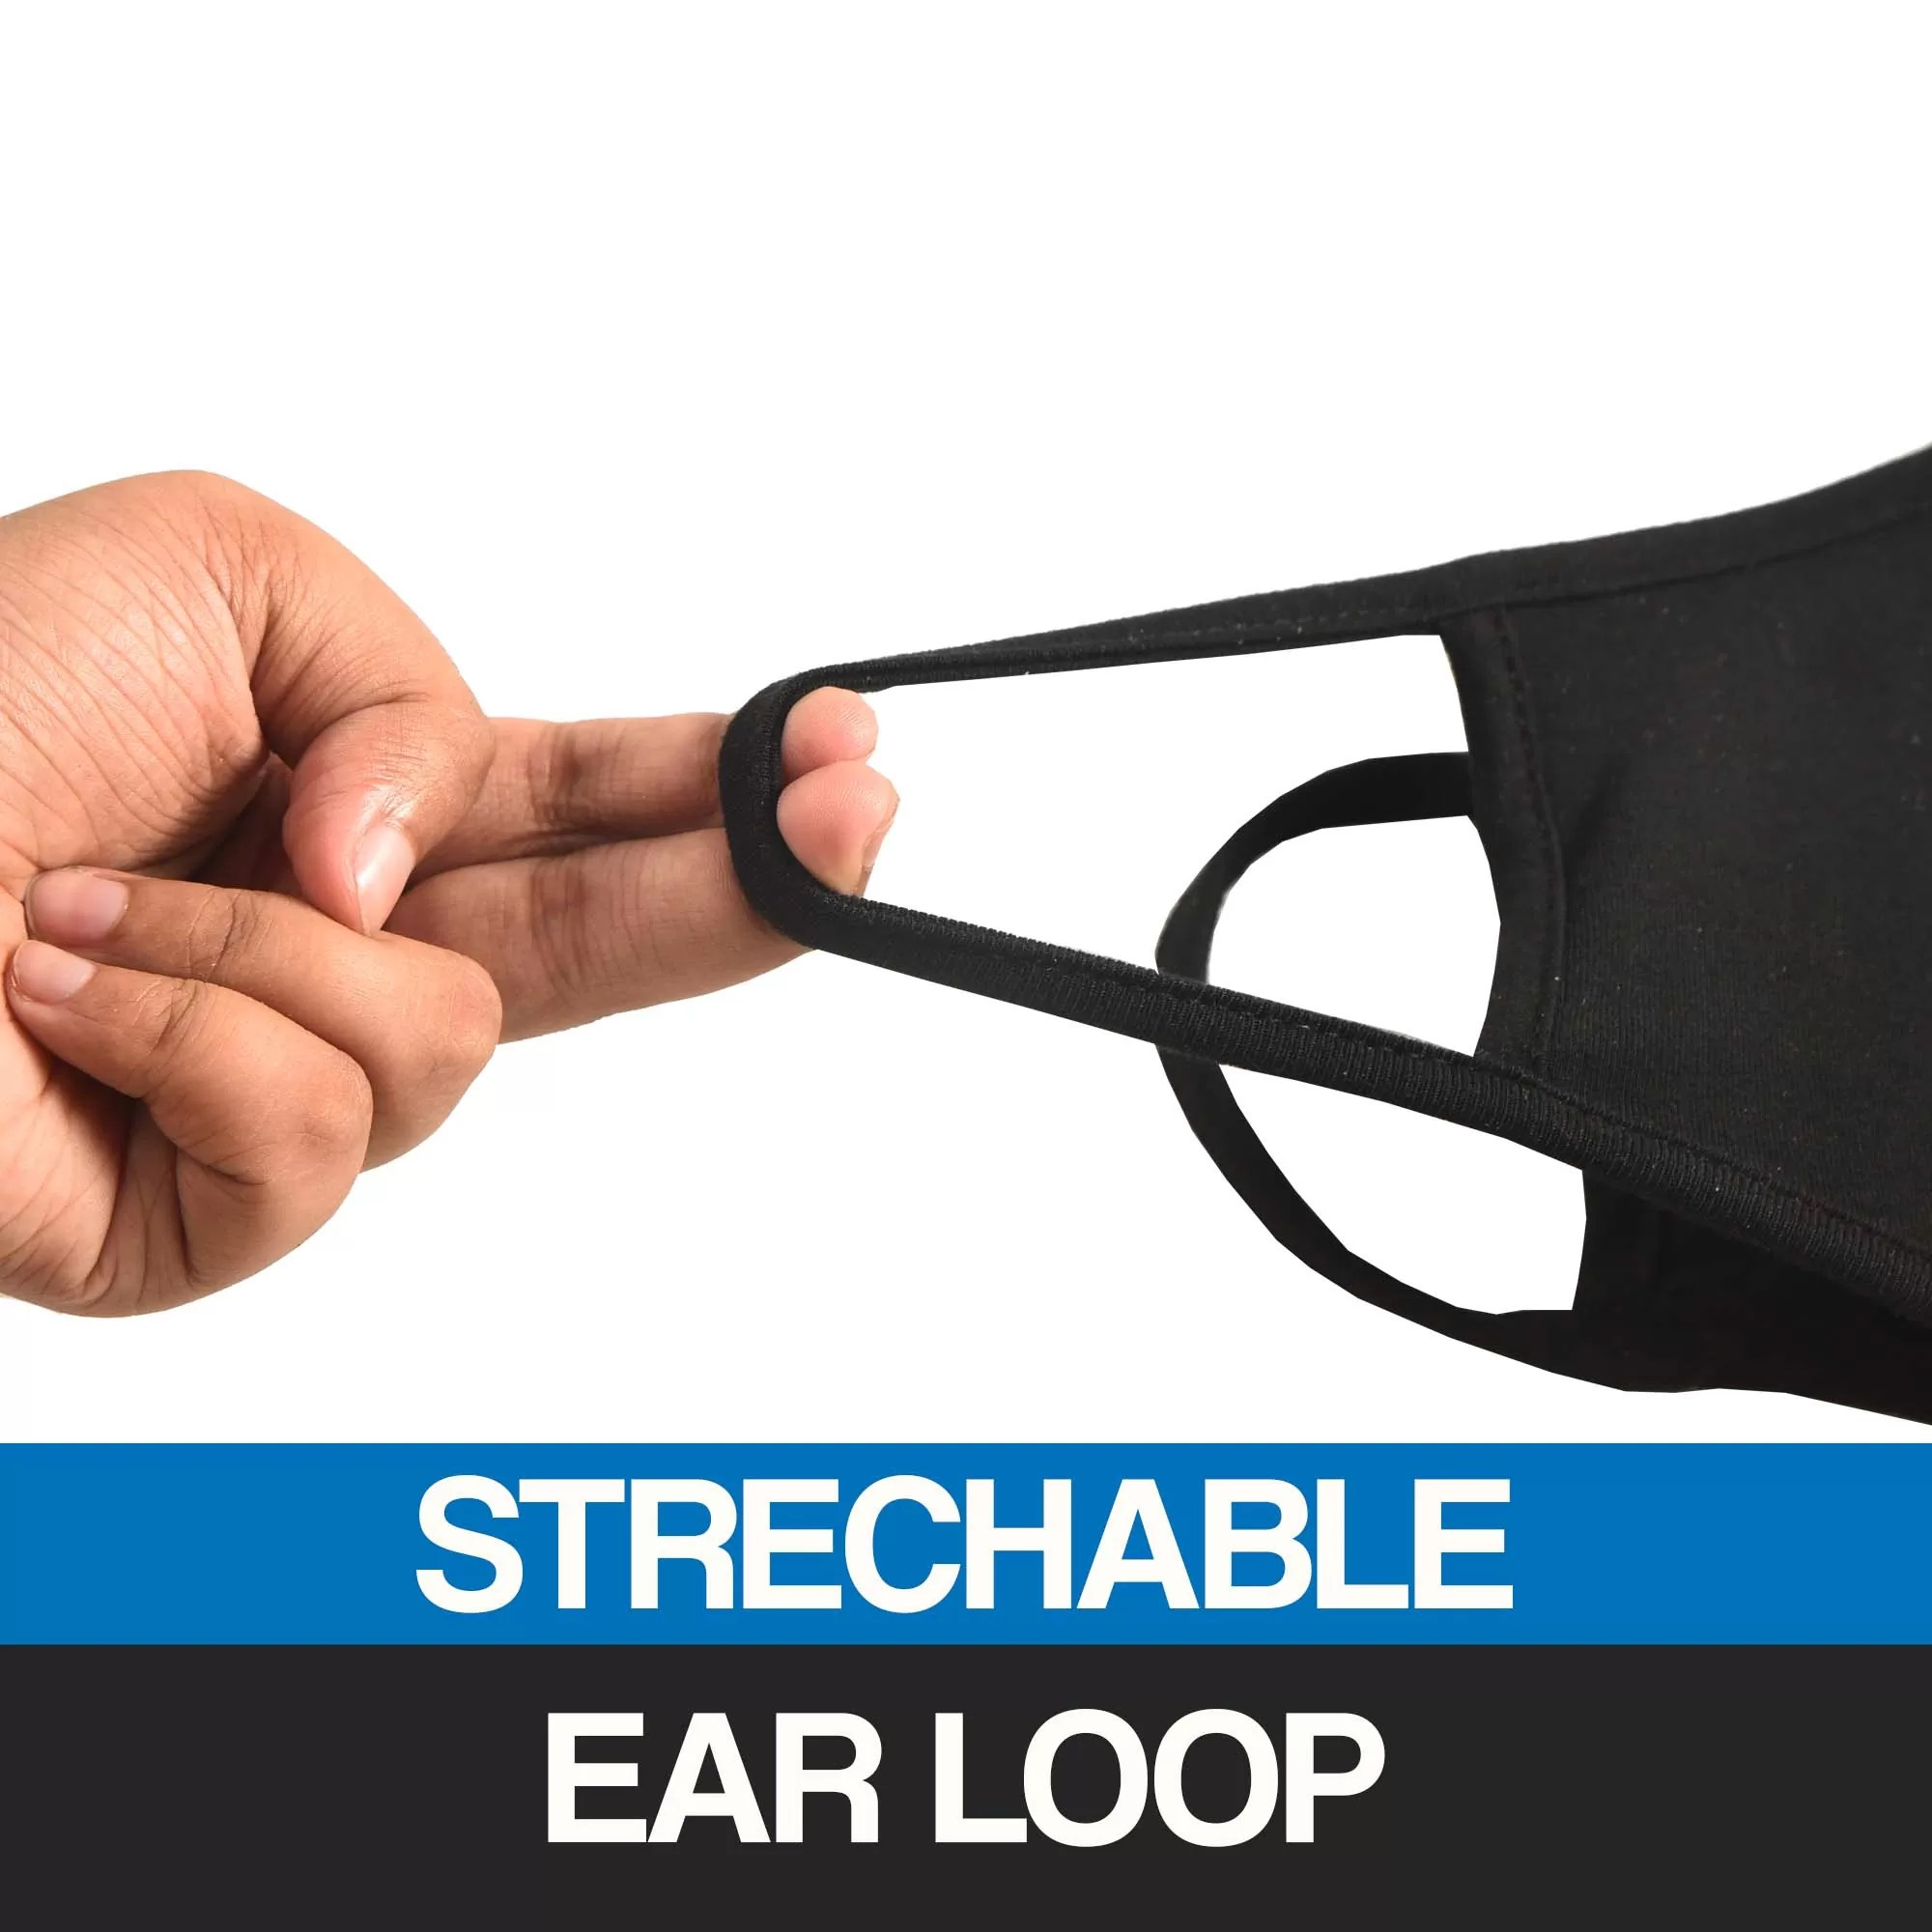 strechable